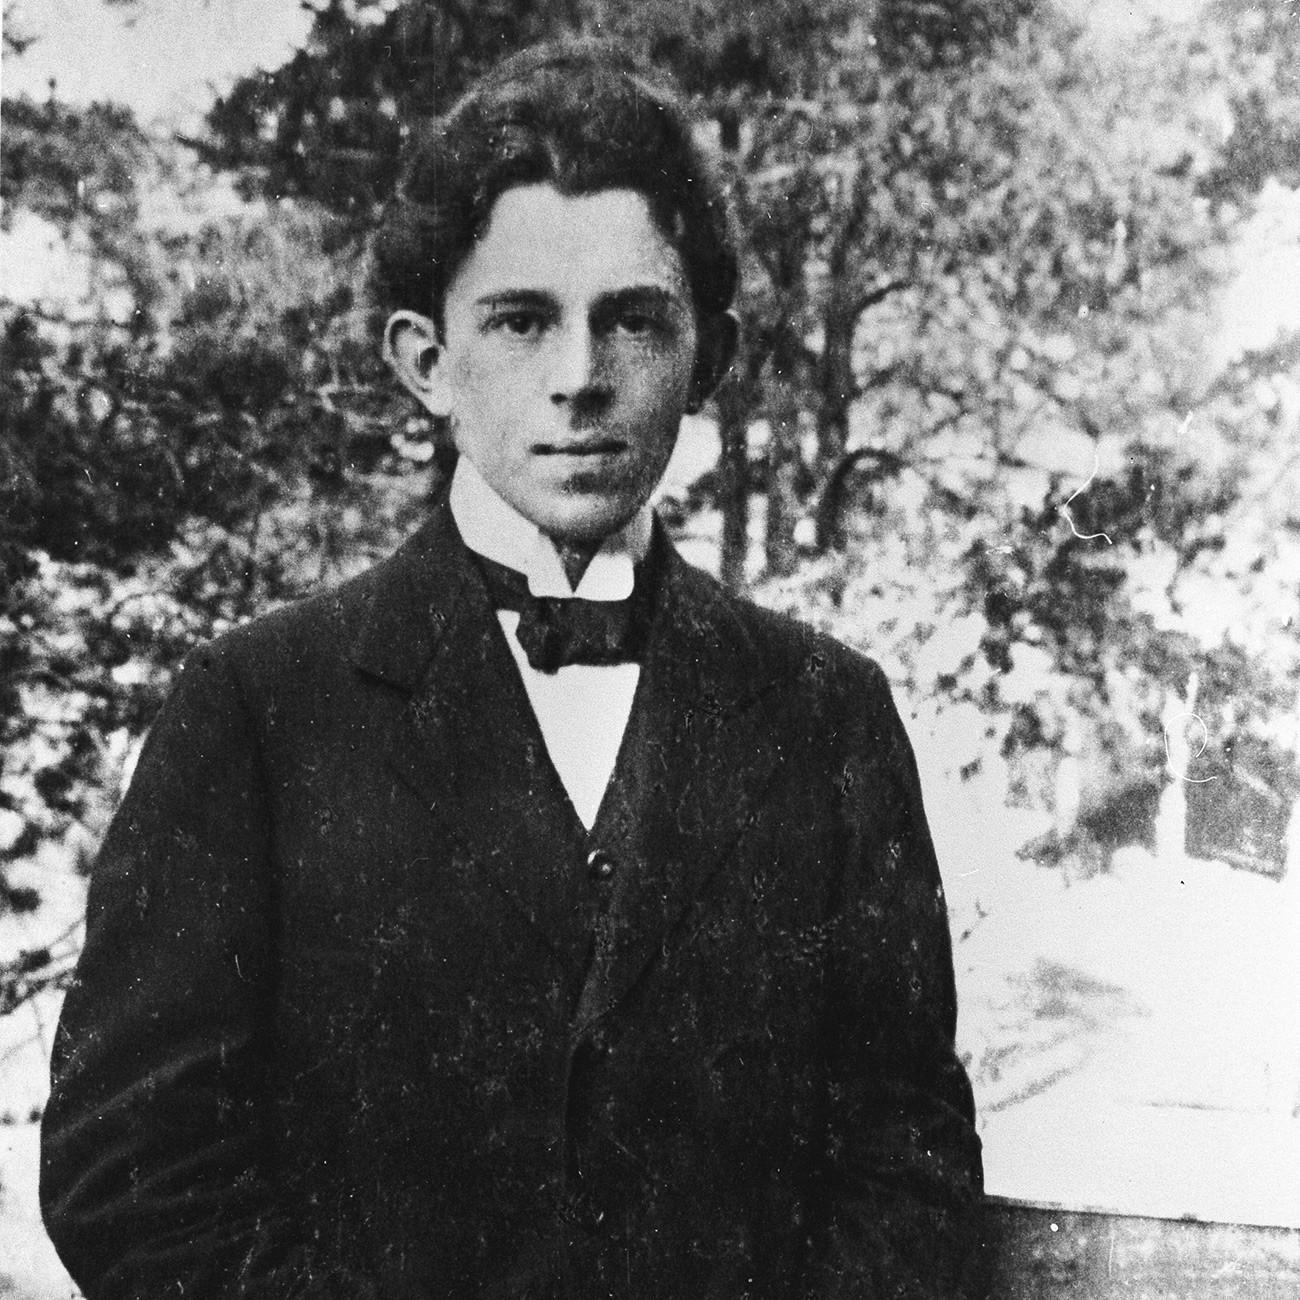 Osip Mandelstam